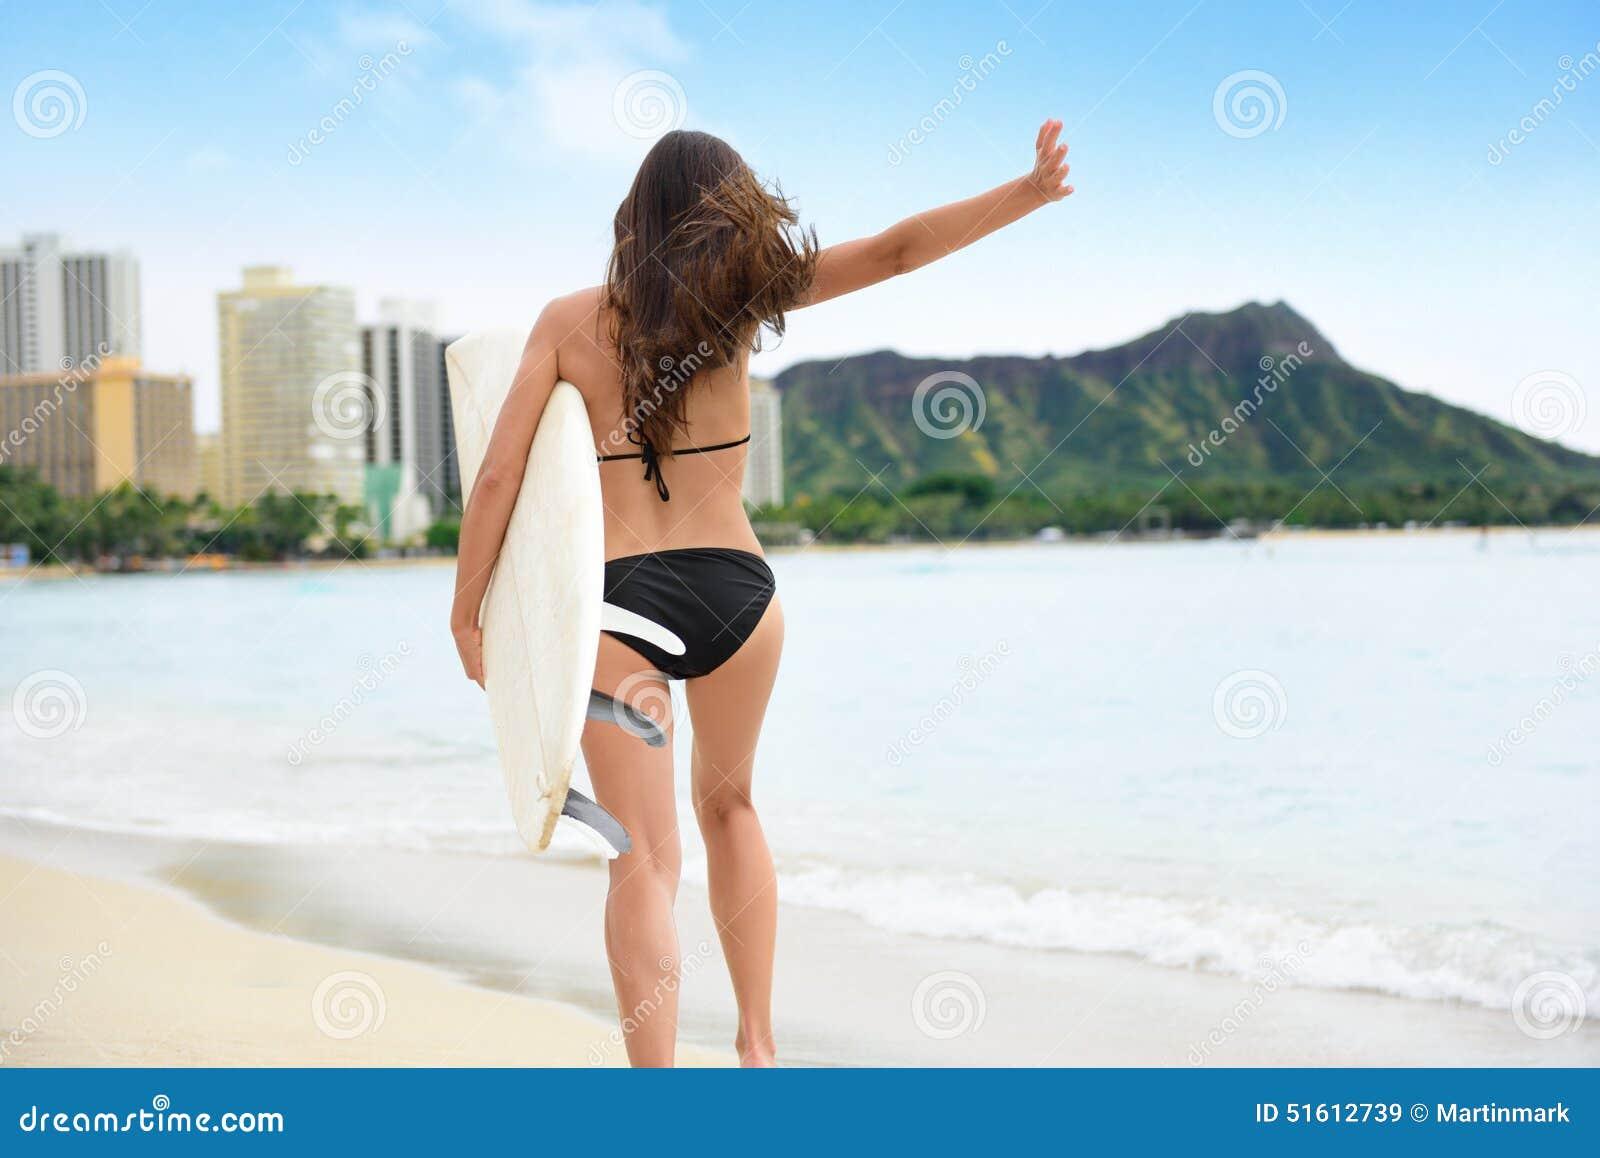 冲浪乐趣冲浪者女孩愉快去的冲浪在海滩